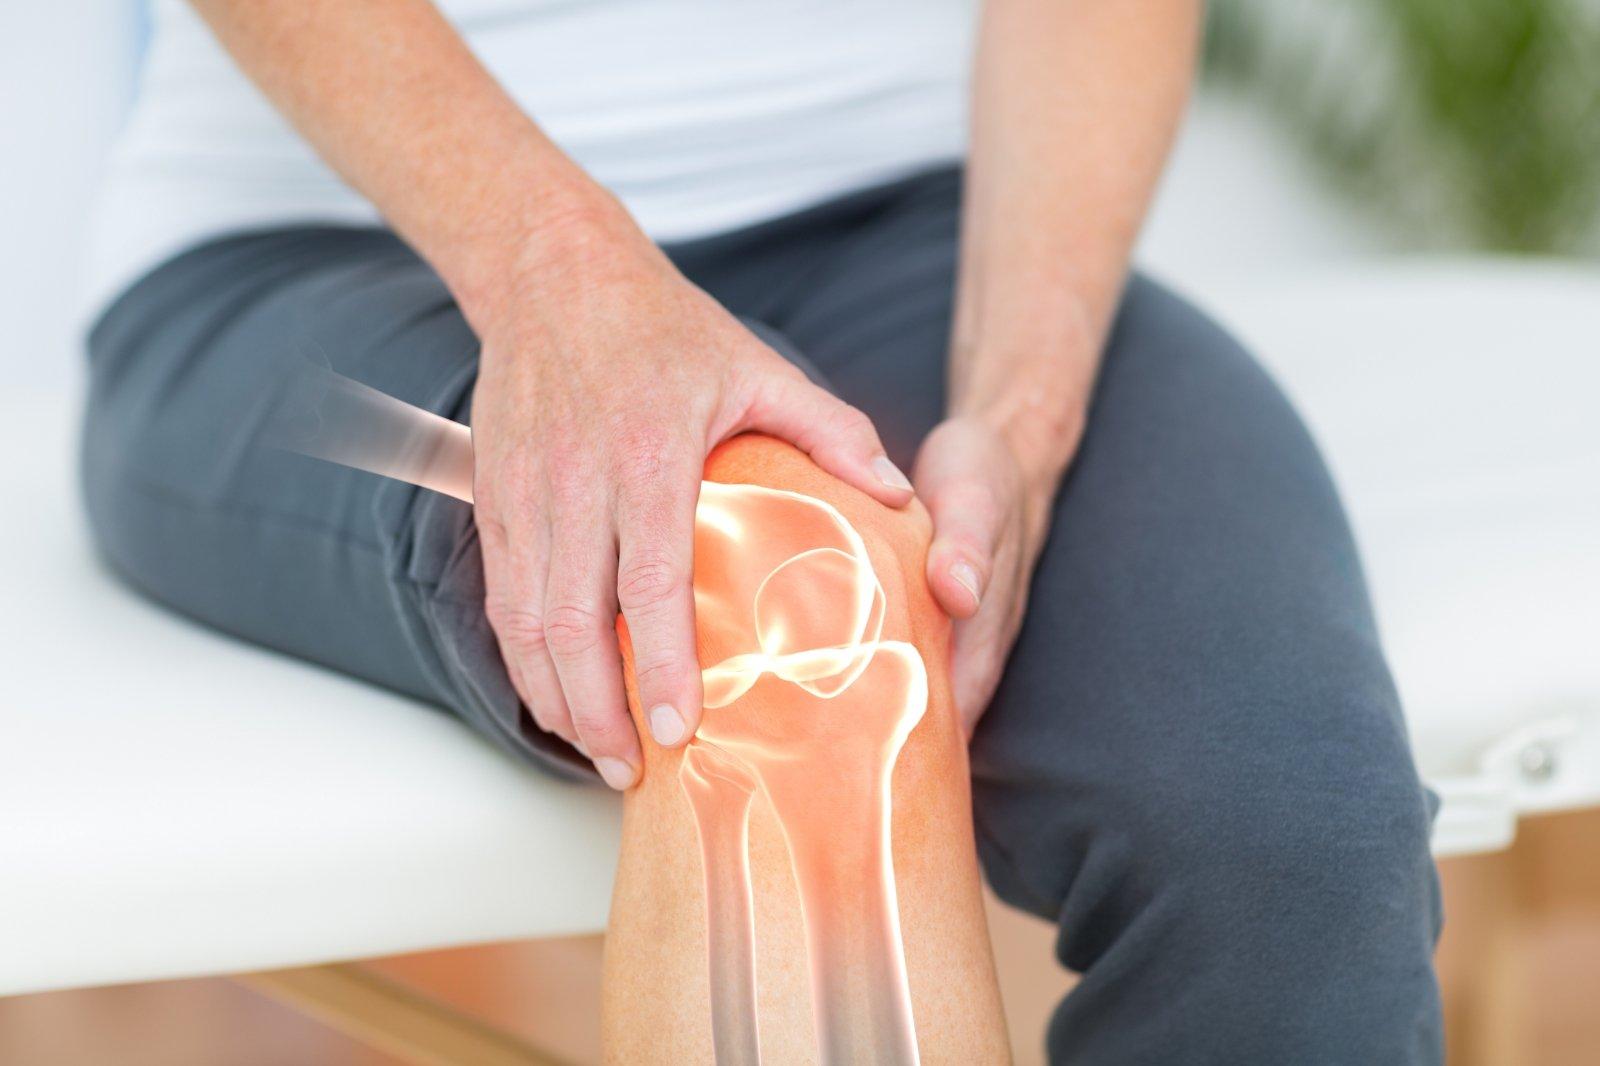 skausmui malšinti į peties sąnario ir rankos liga klaidinga bendra